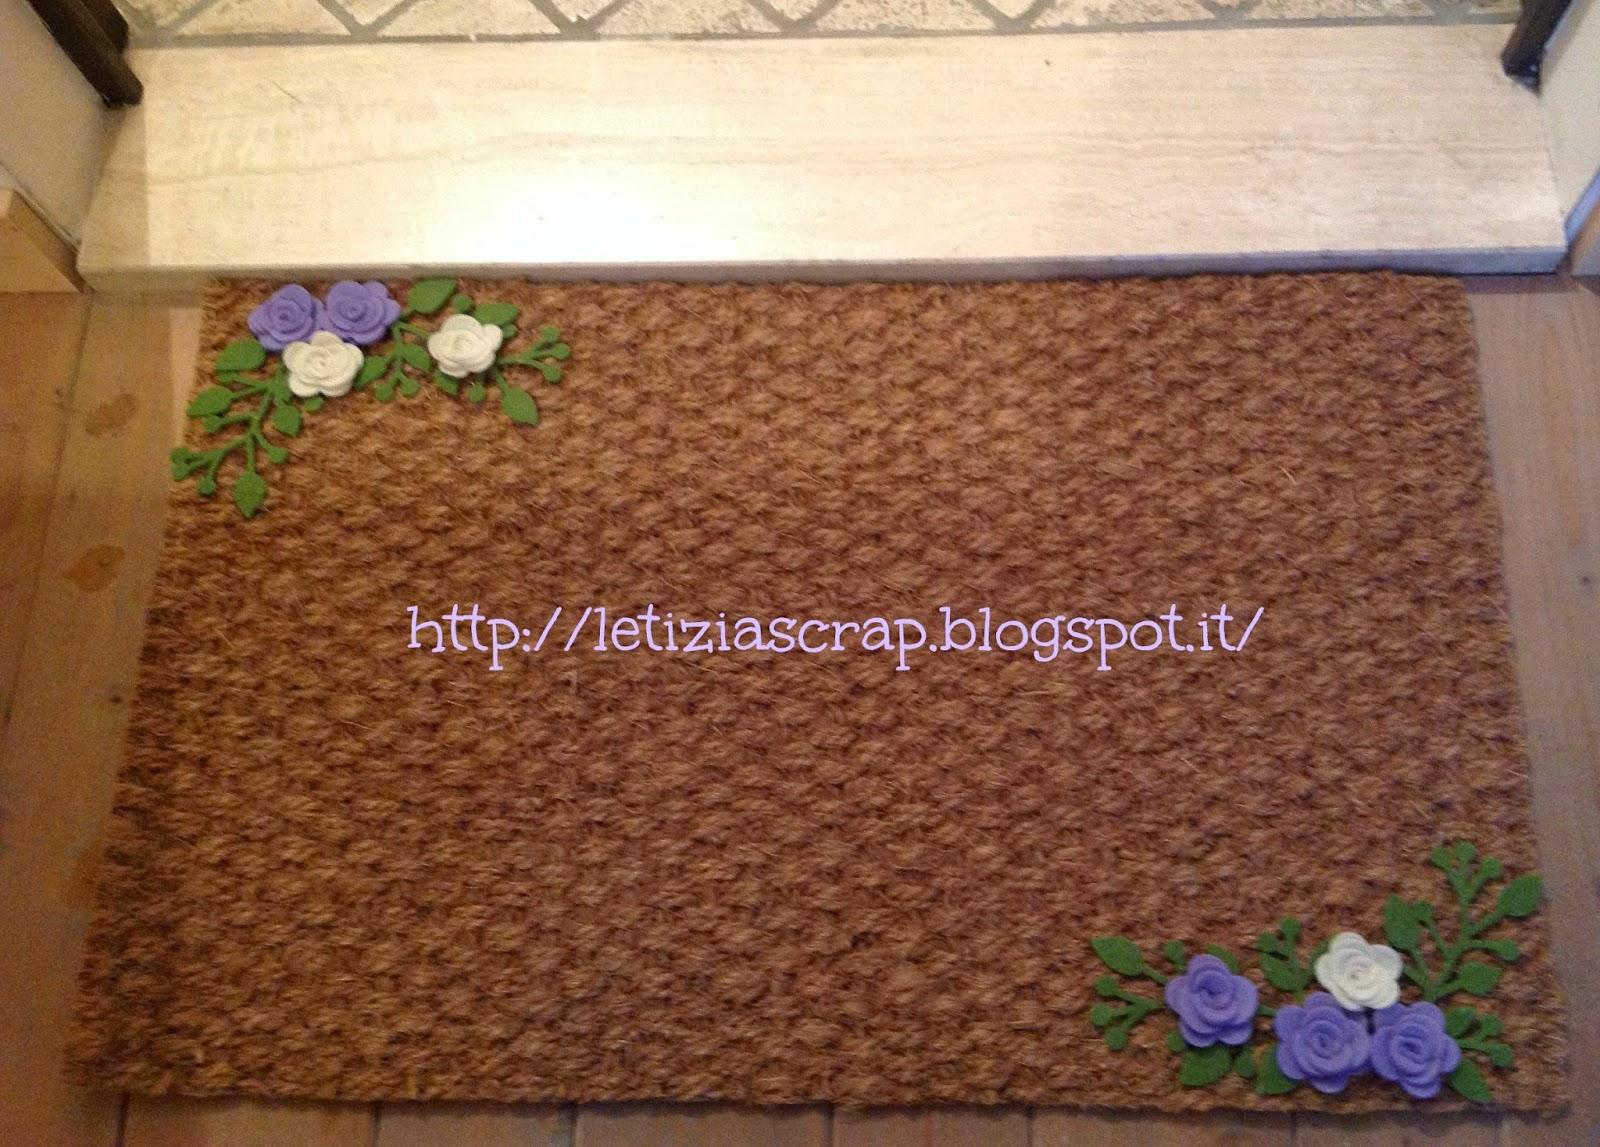 Zerbino per esterno ikea pannelli decorativi plexiglass - Tappeti da esterno ikea ...